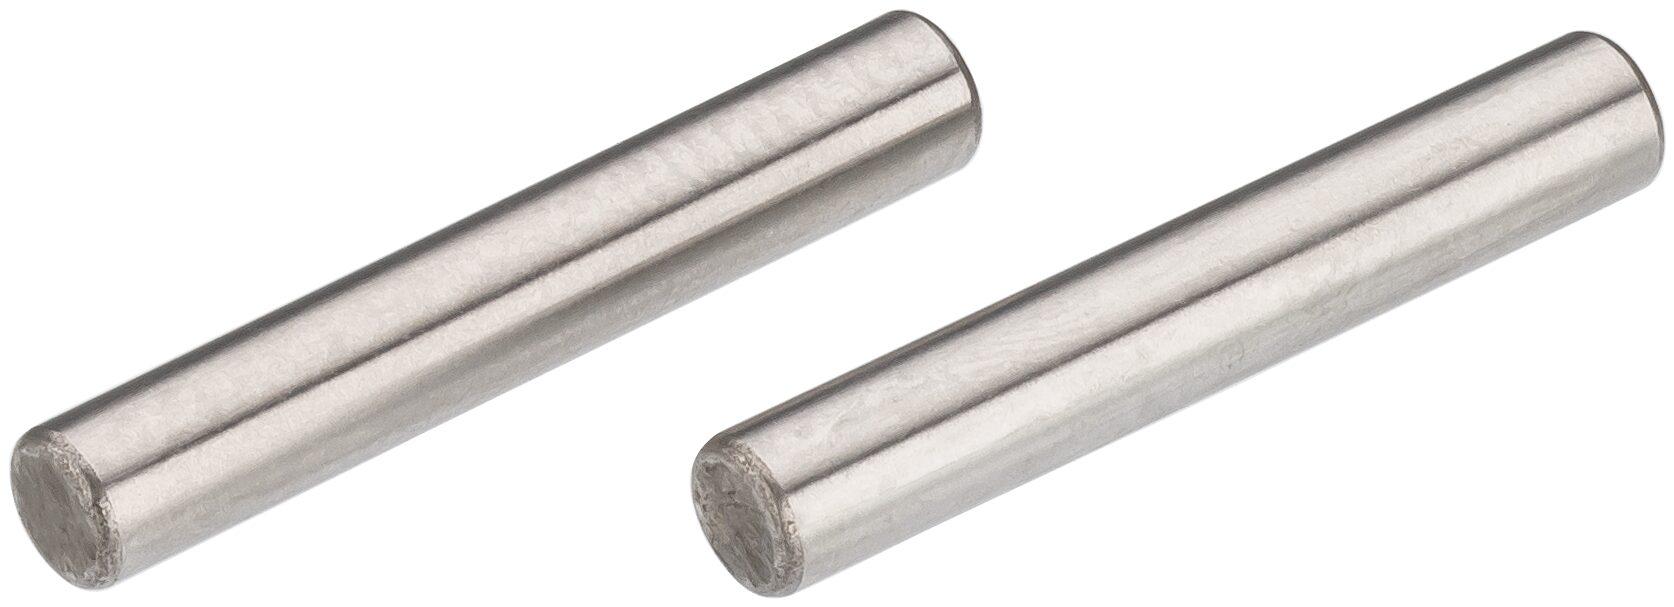 HAZET Stift 9012M-011/2